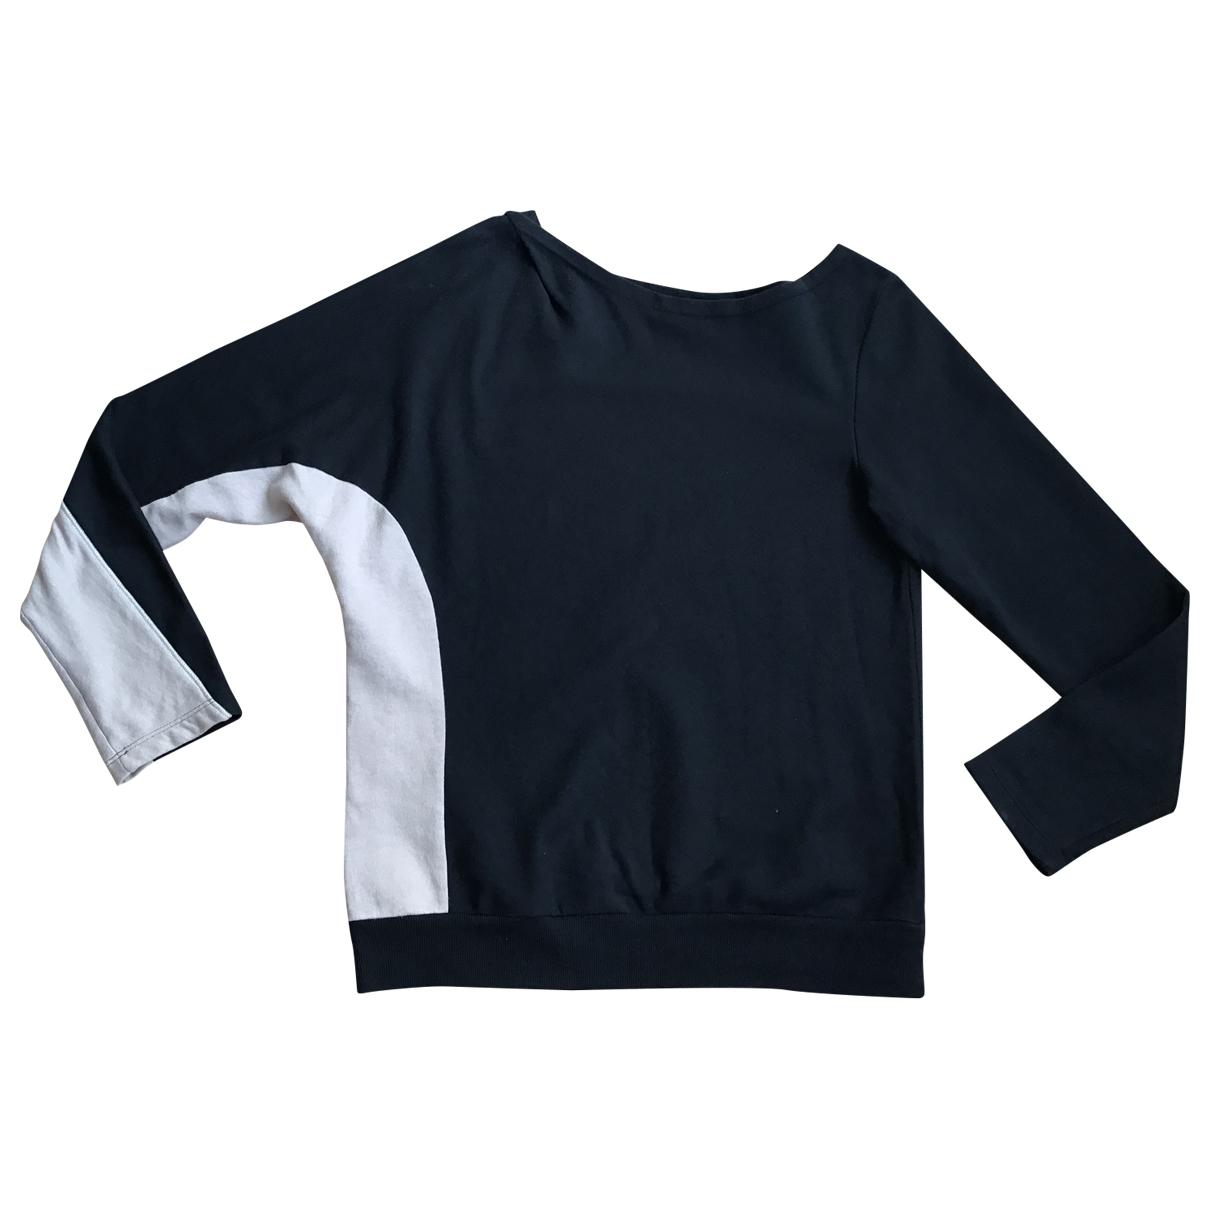 Dries Van Noten \N Black Cotton  top for Women S International